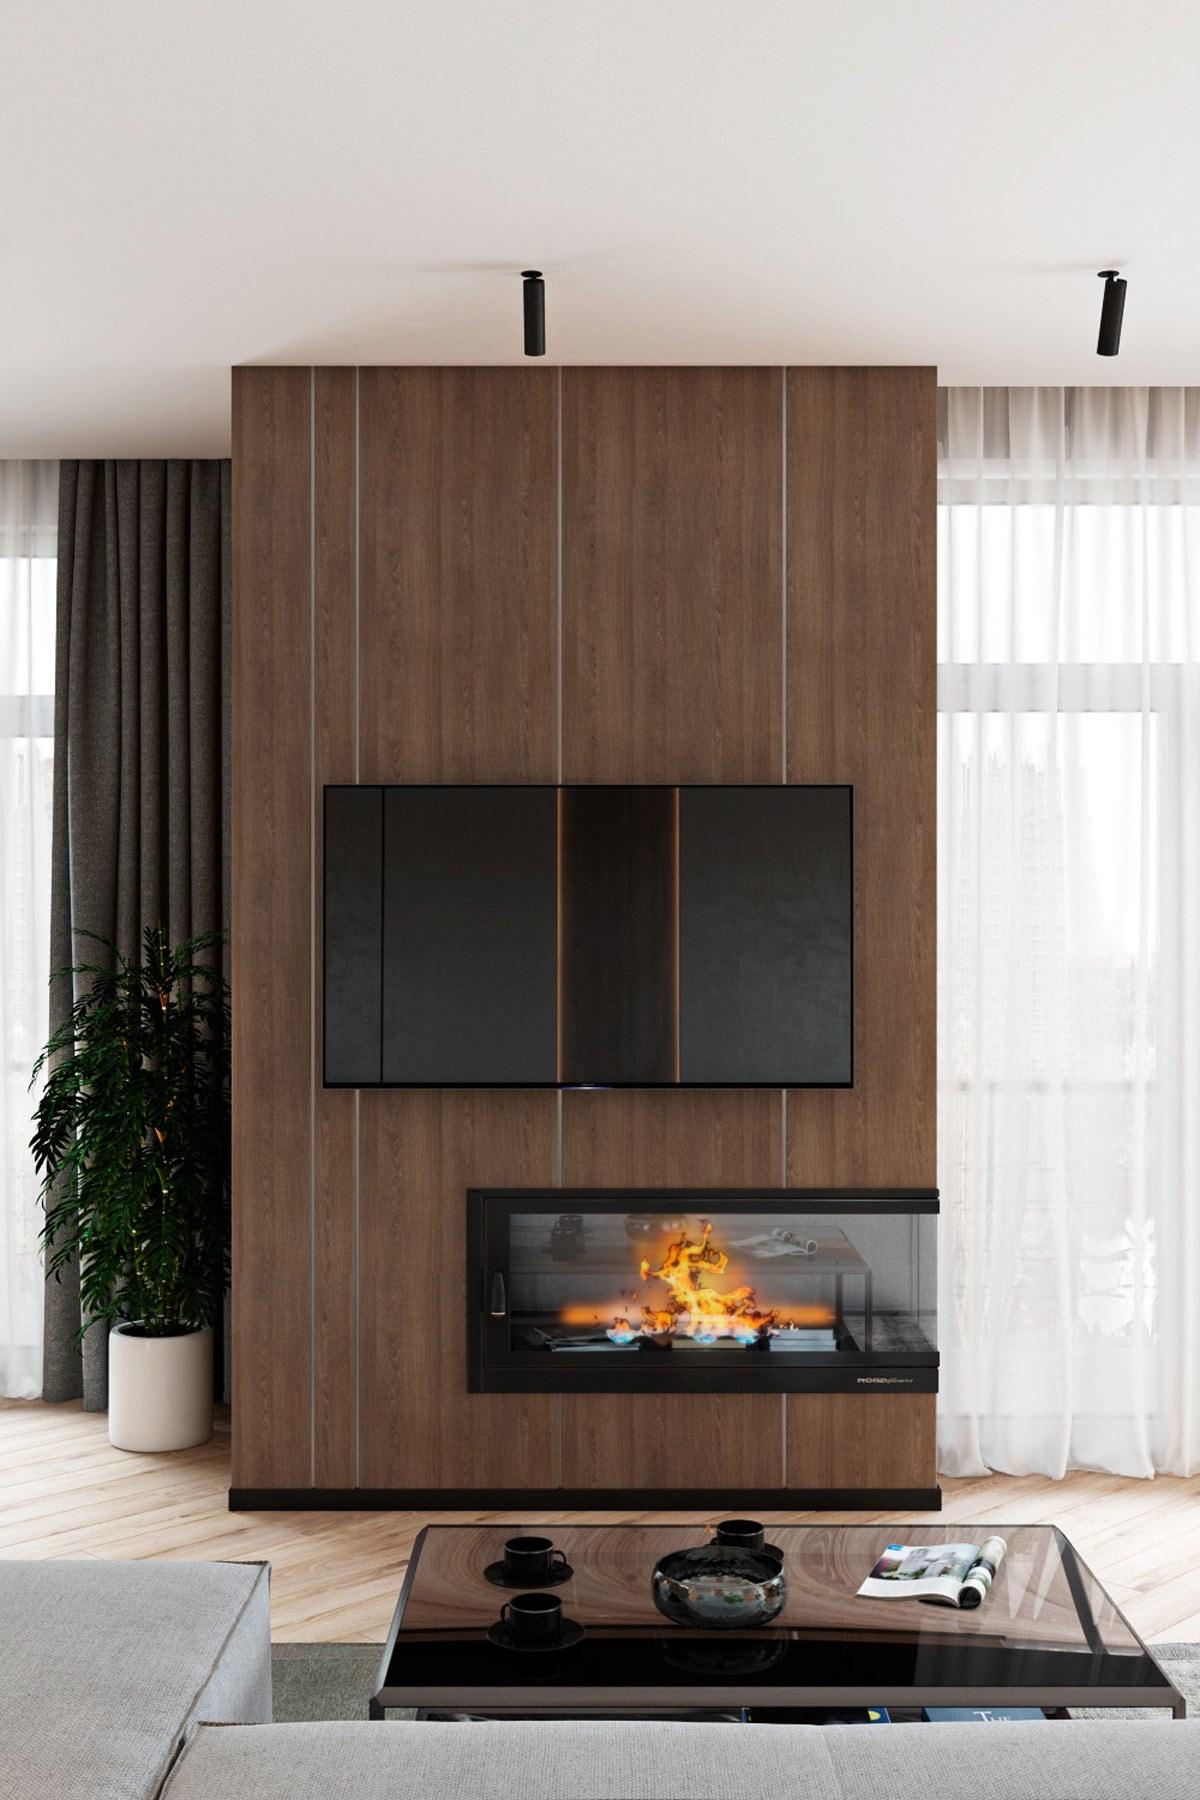 Thiết kế nội thất chung cư phong cách hiện đại tivi treo tường